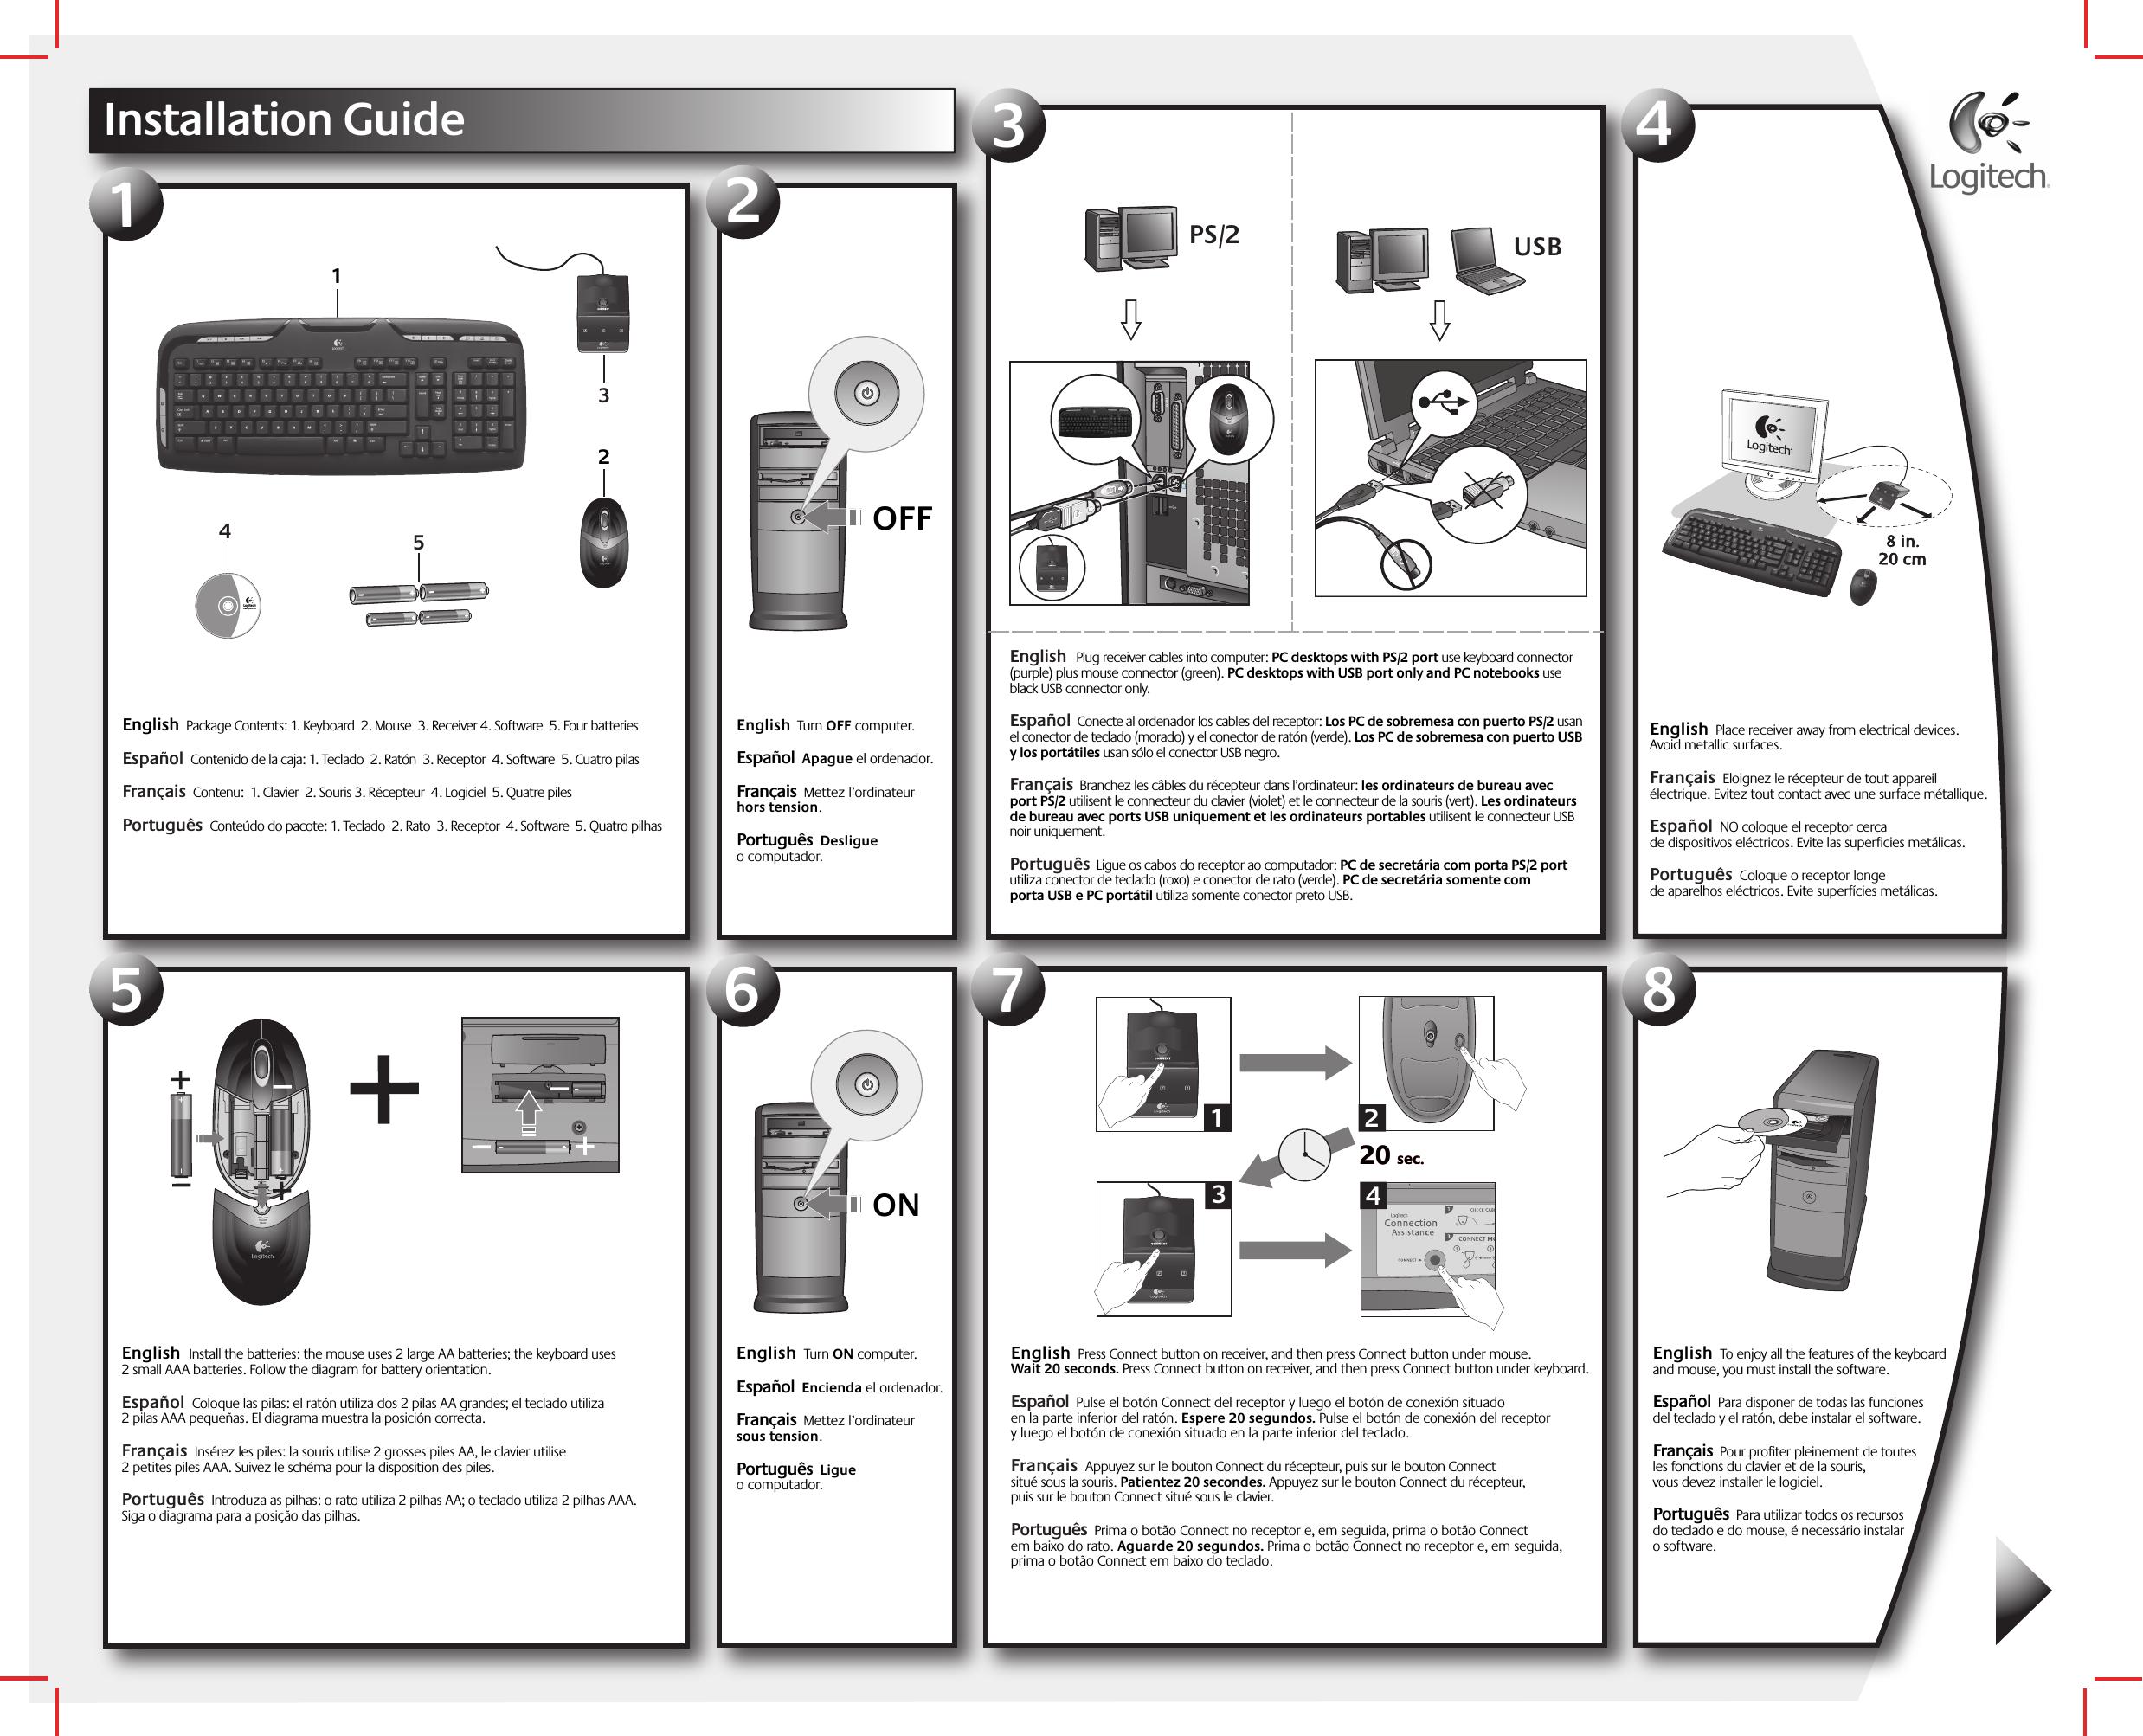 Logitech Far East YRAZ71 Wireless Keyboard User Manual 623059 1914